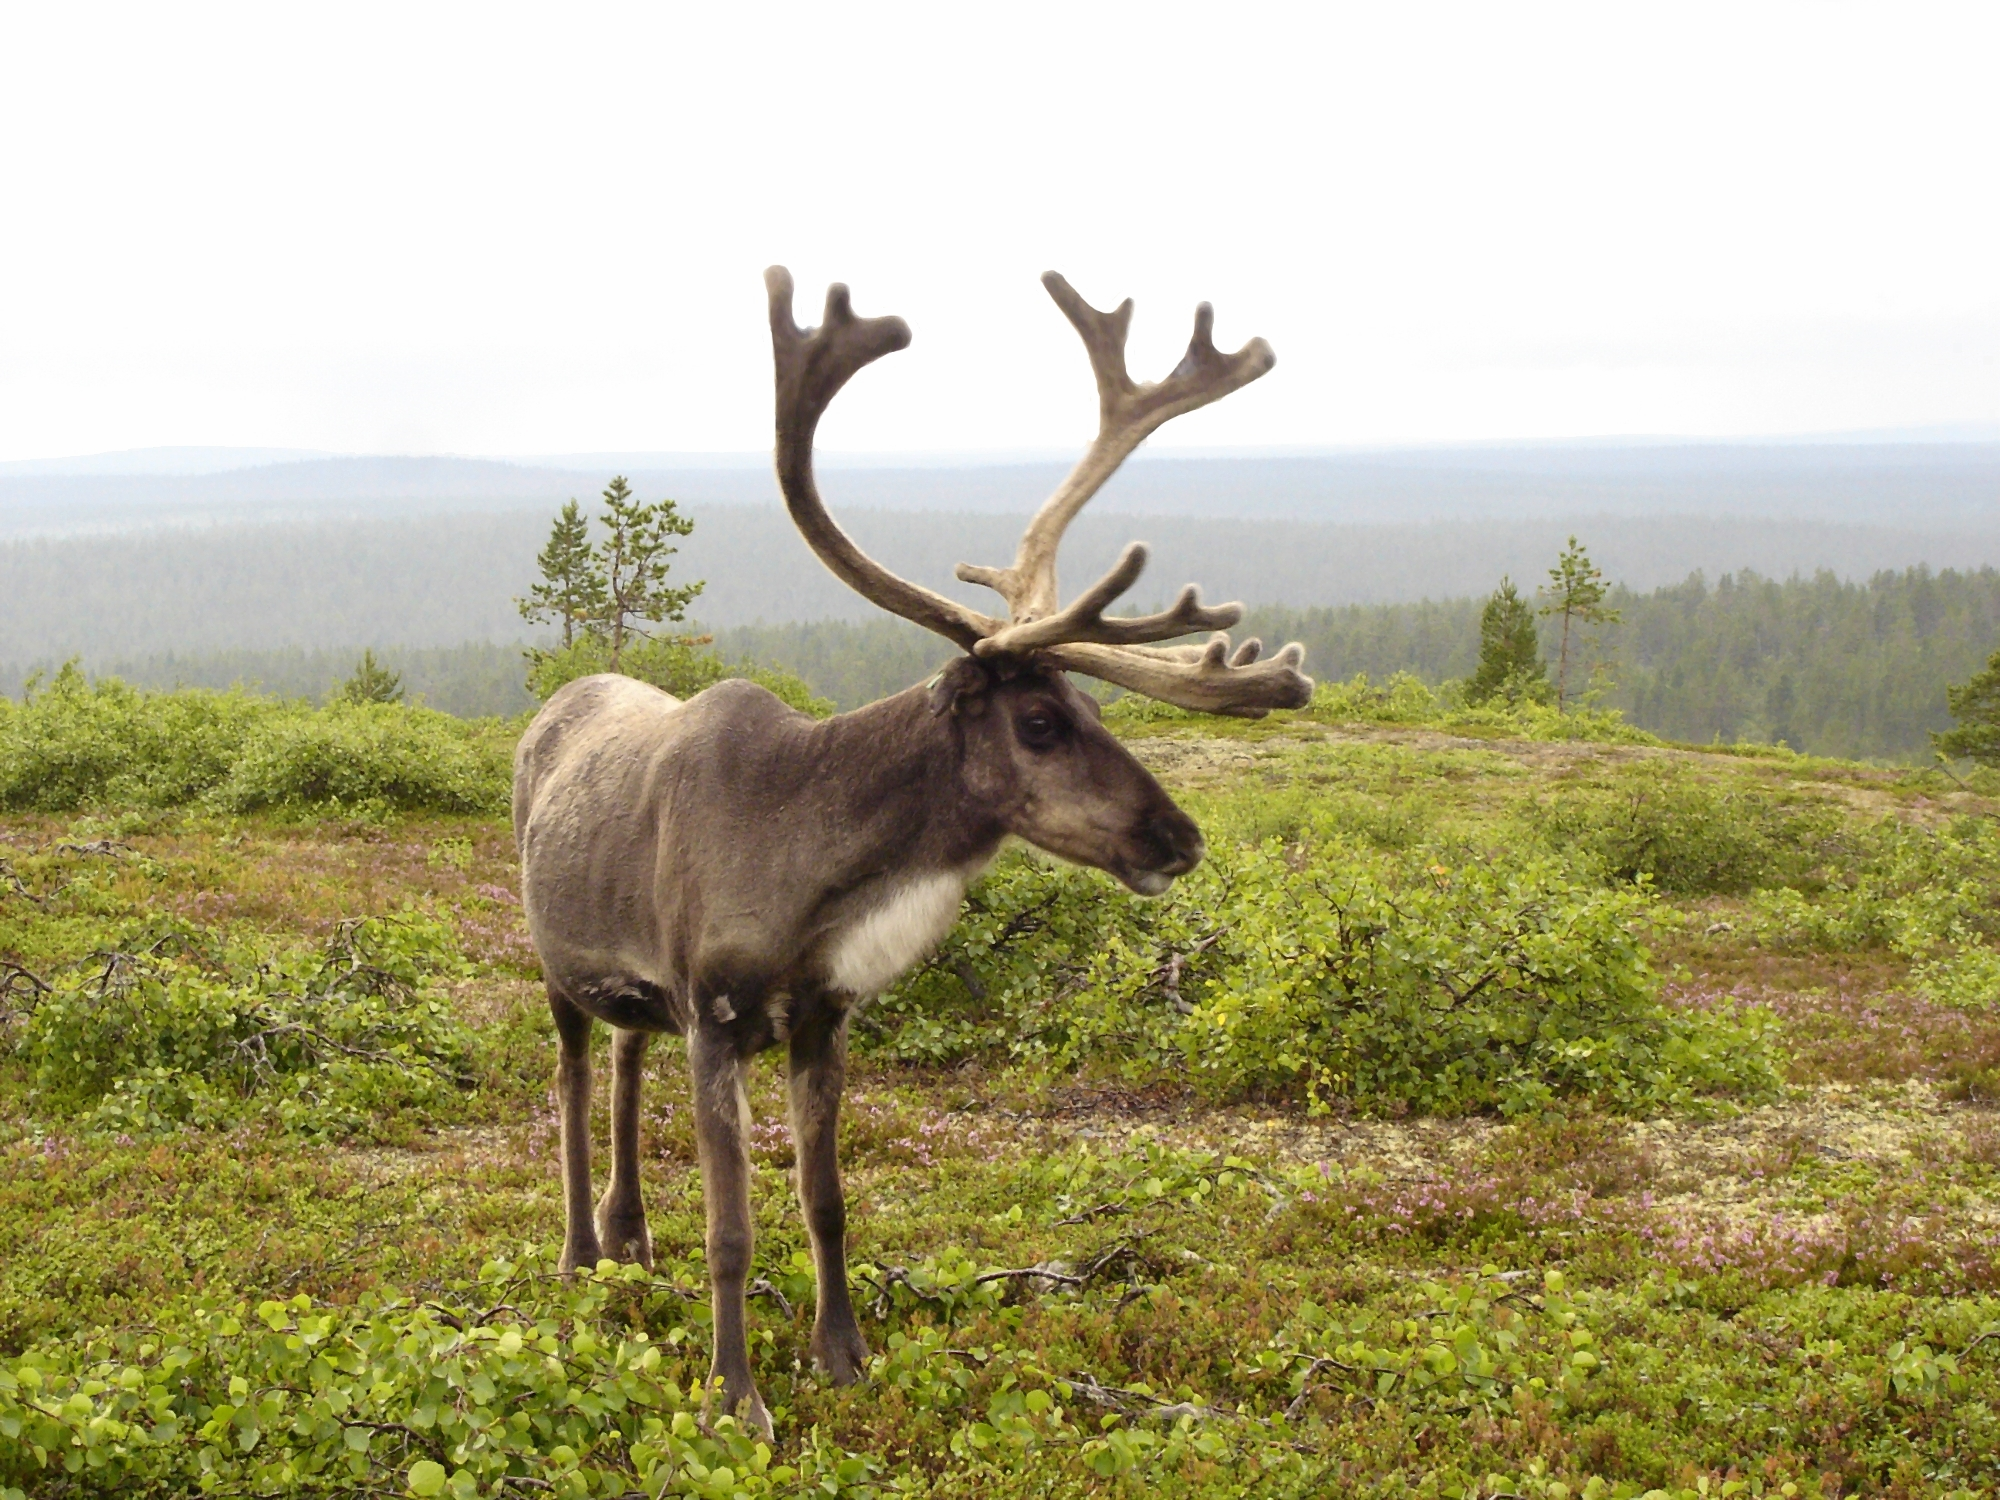 filereindeer in finnish fell 2jpg - Reindeer Images 2